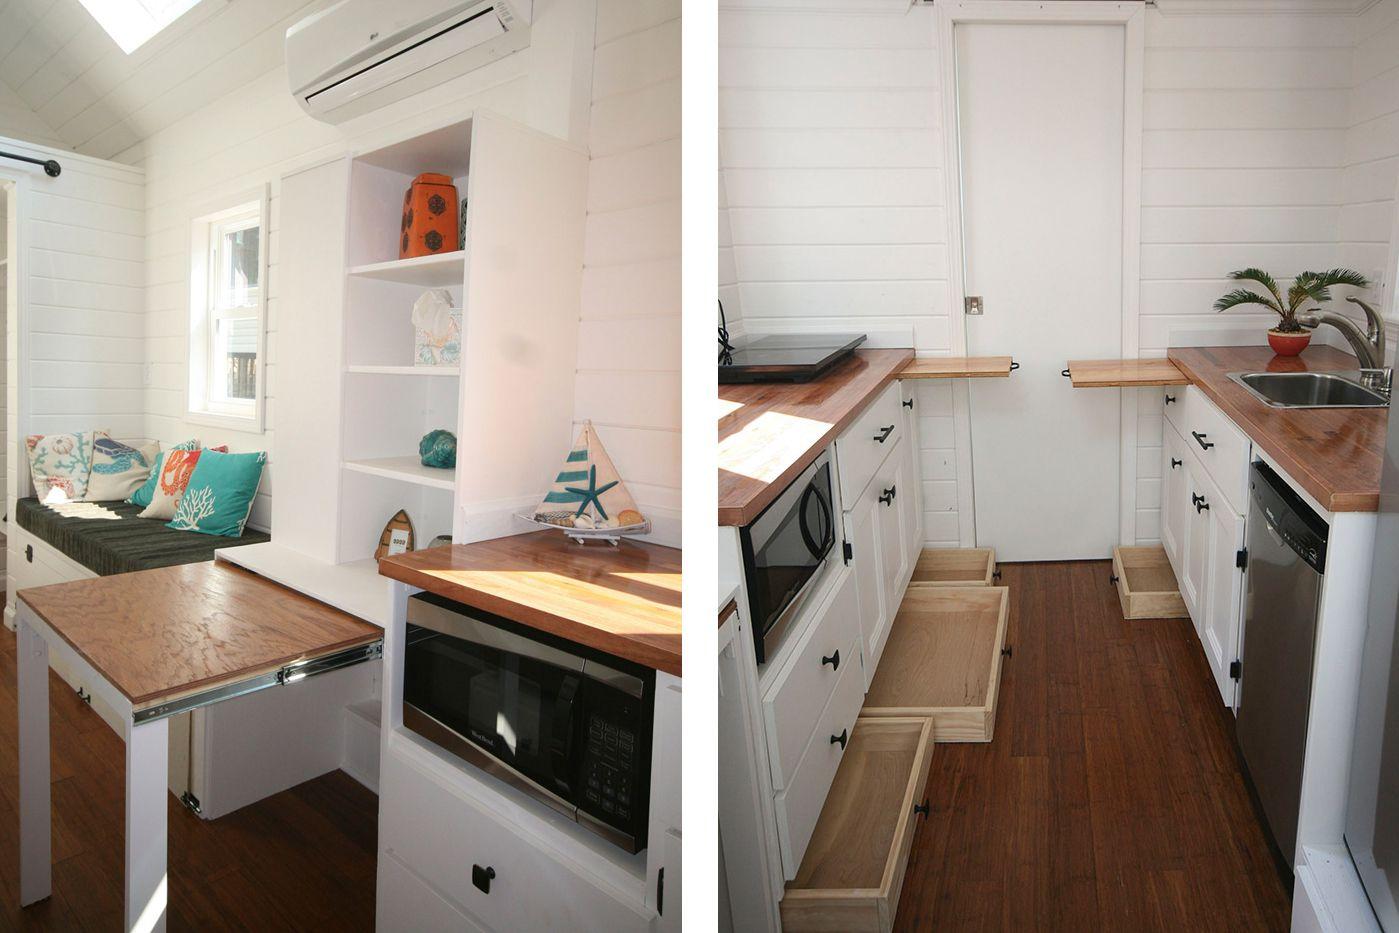 14 Small Kitchen Island Ideas